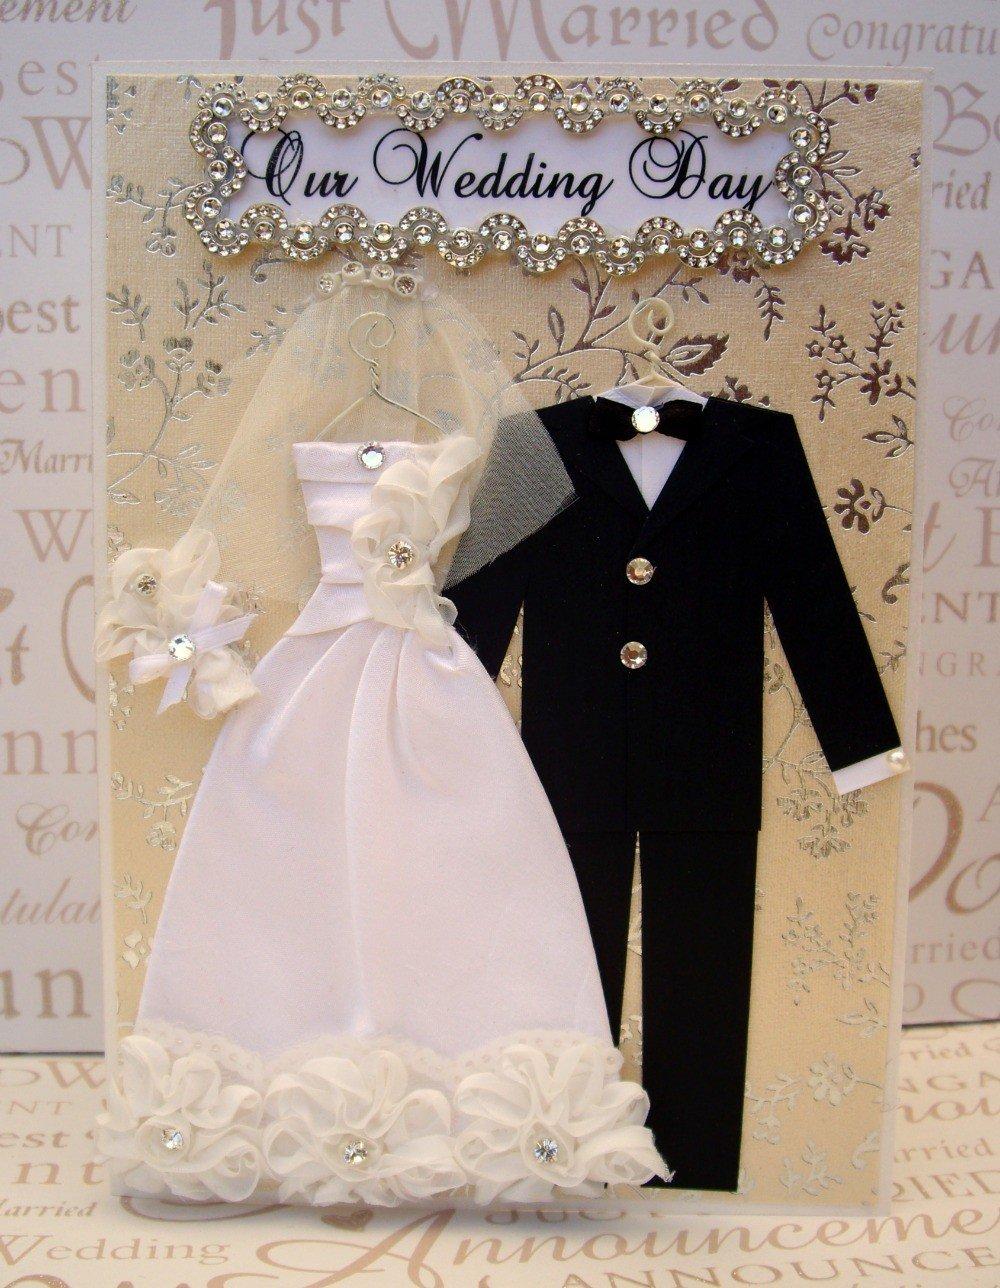 разъезжаются, открытки скрапбукинг на свадьбу для жениха и невесты правило, злокачественная